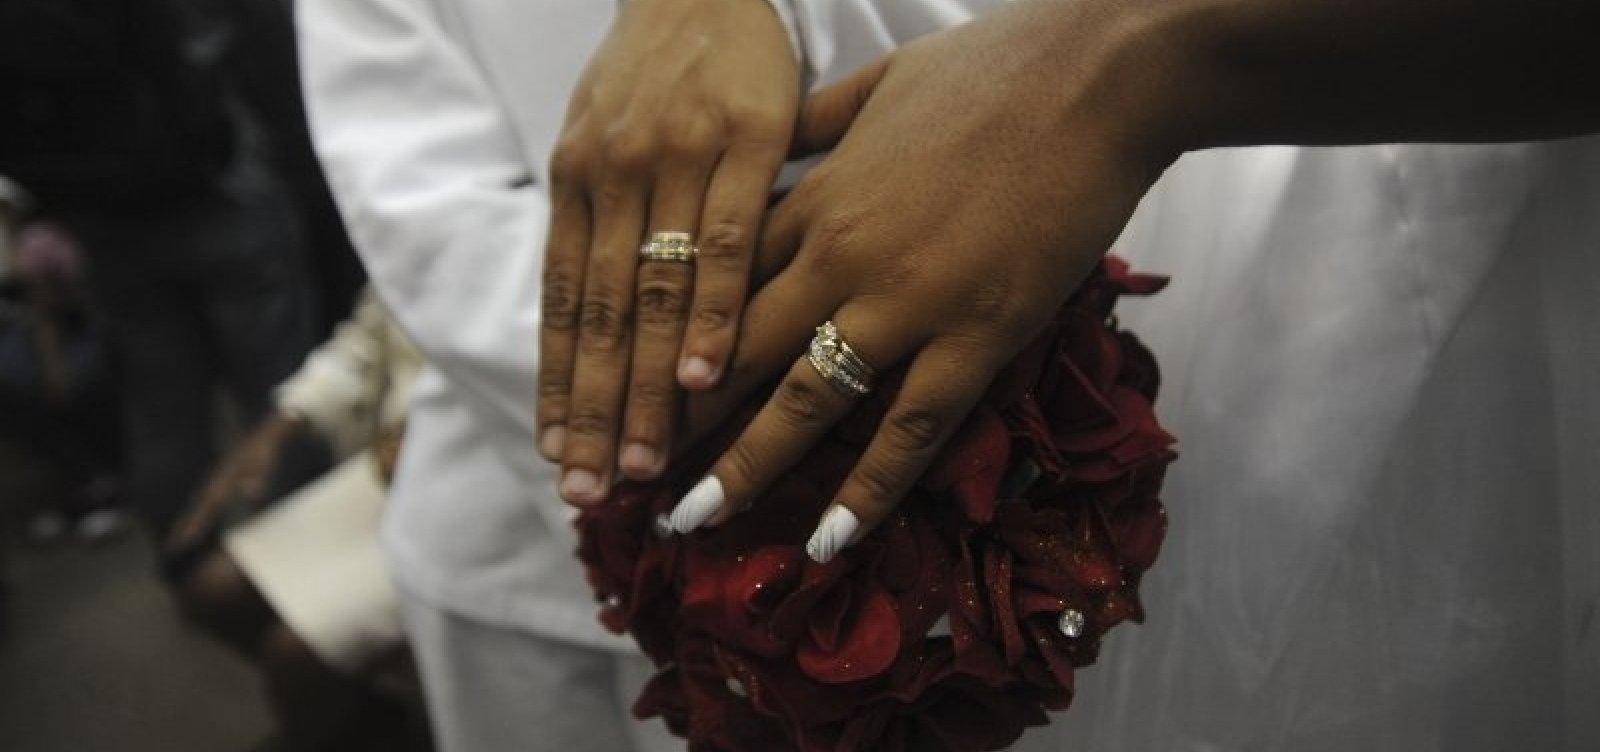 [Casamentos LGBT duplicam e aumento supera alta de uniões entre homens e mulheres]